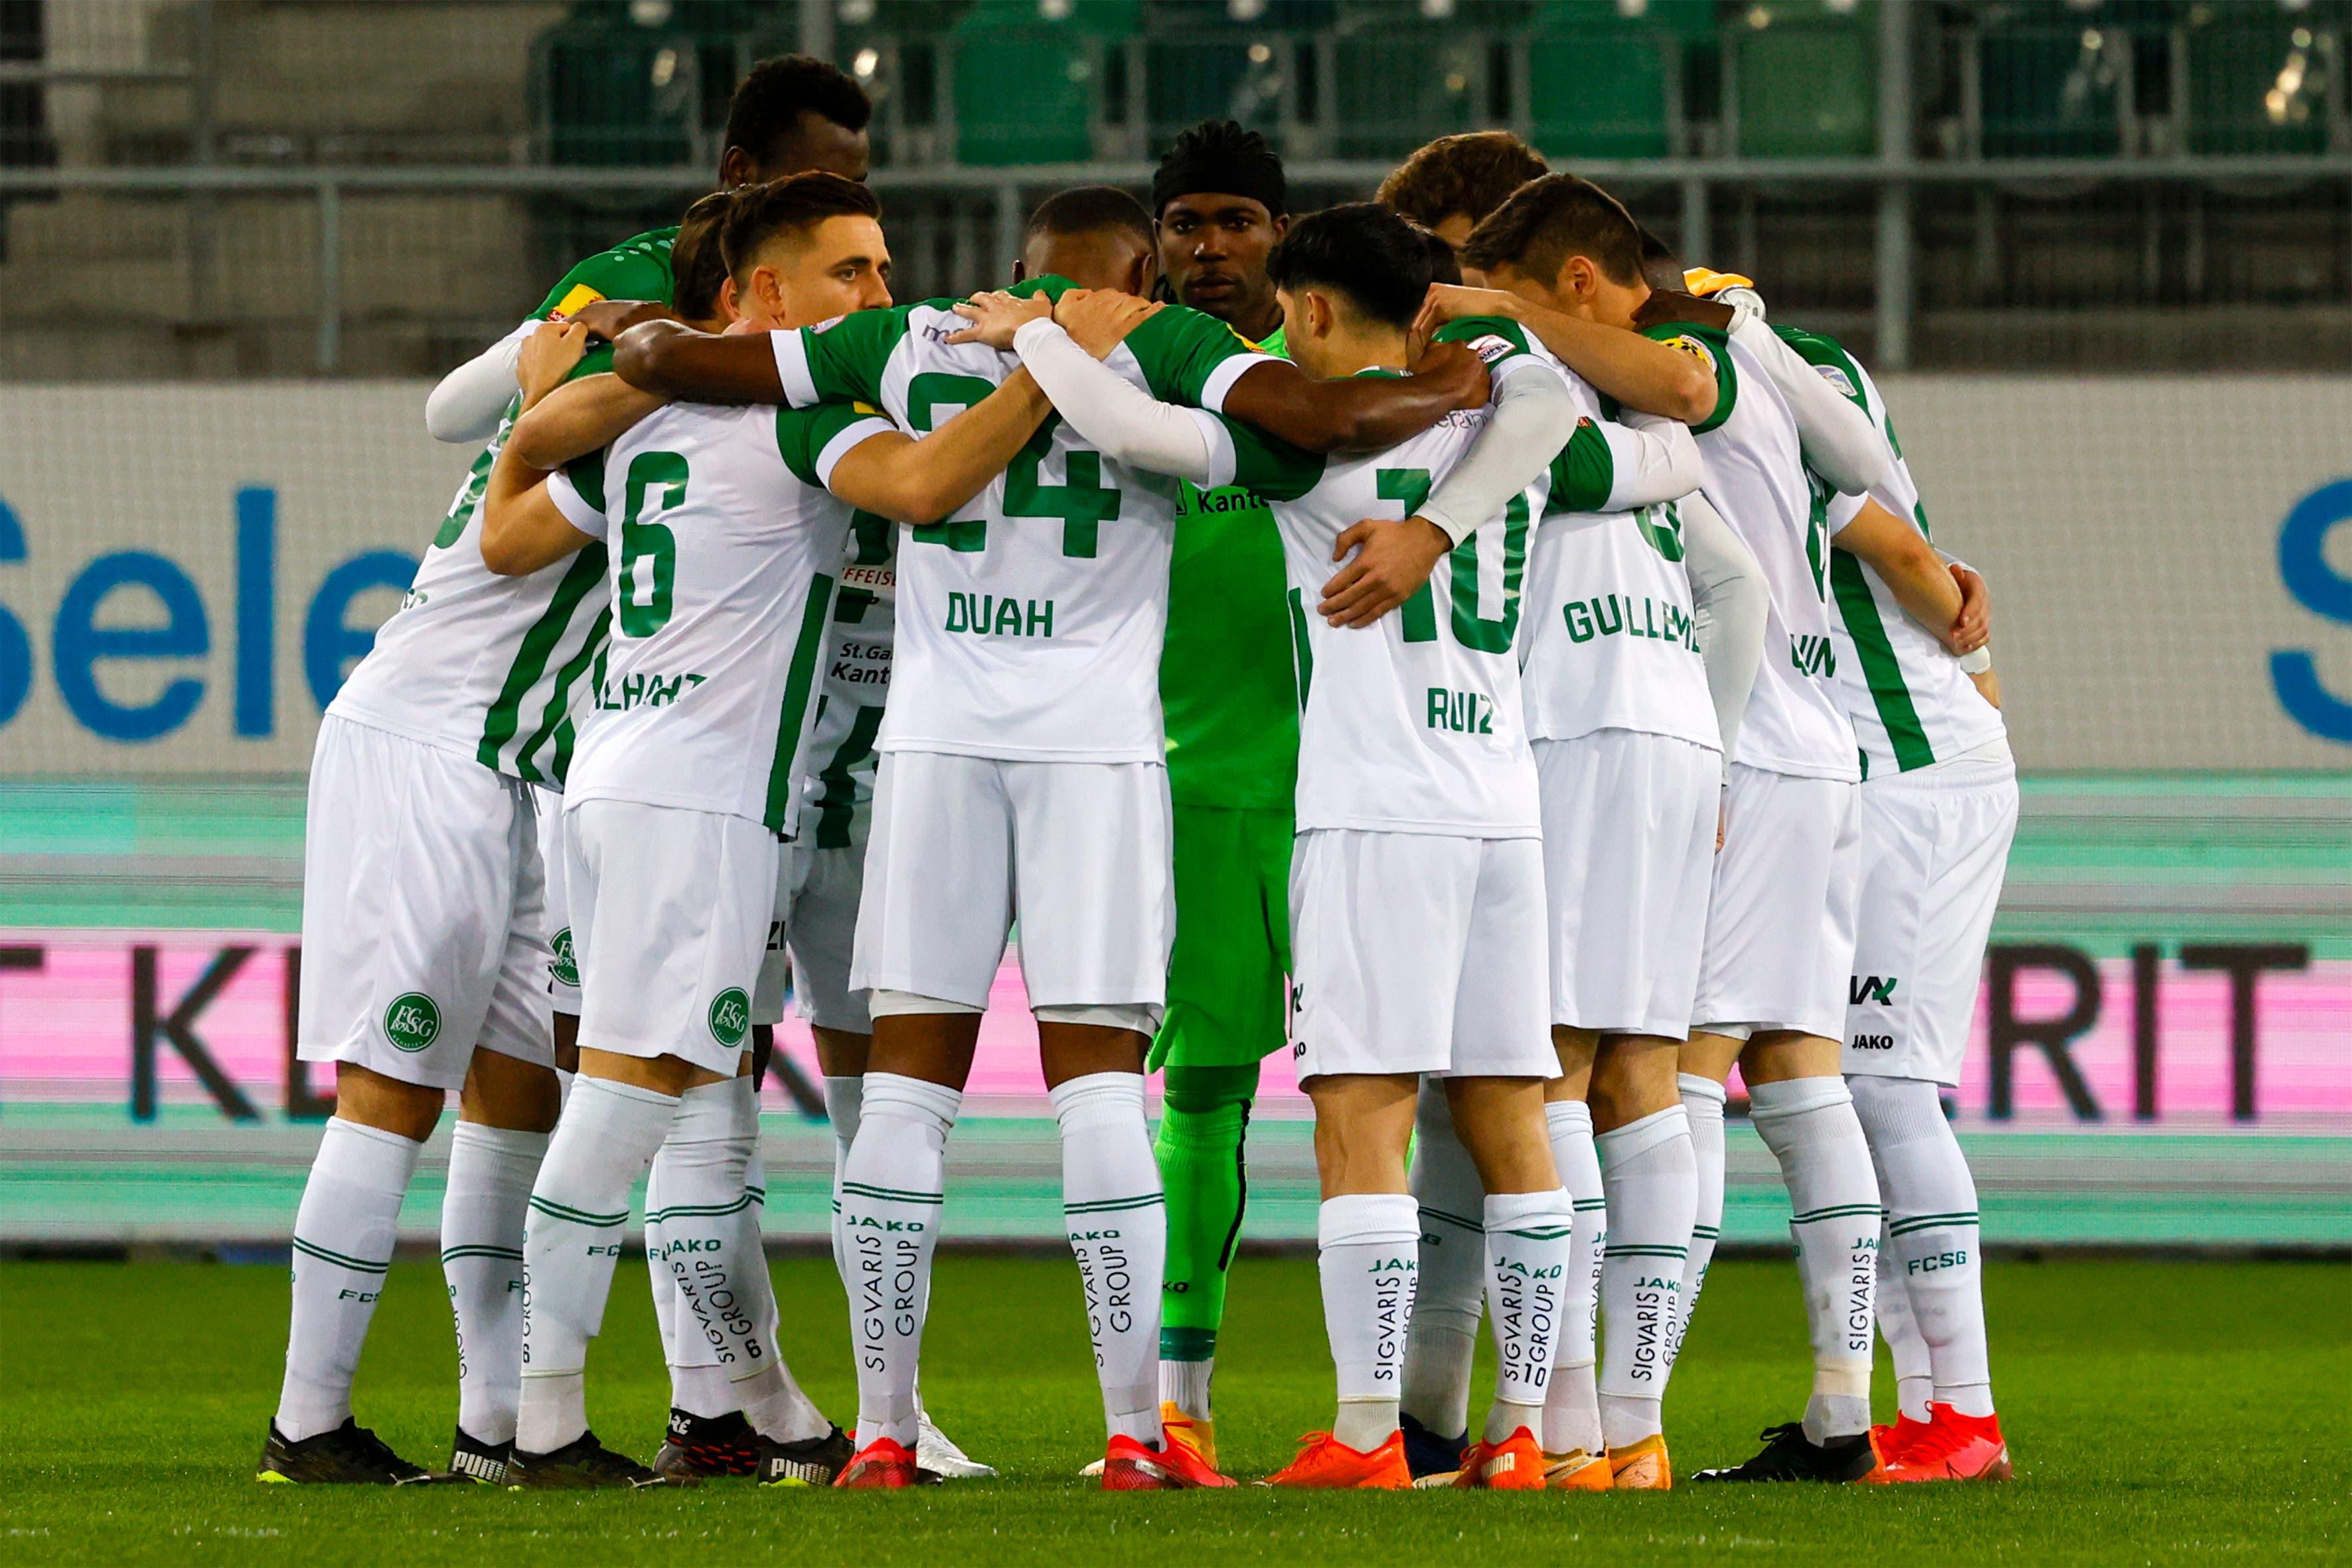 Fünf Spiele ohne Sieg – gegen Luzern mussten endlich mal wieder drei Punkte her.